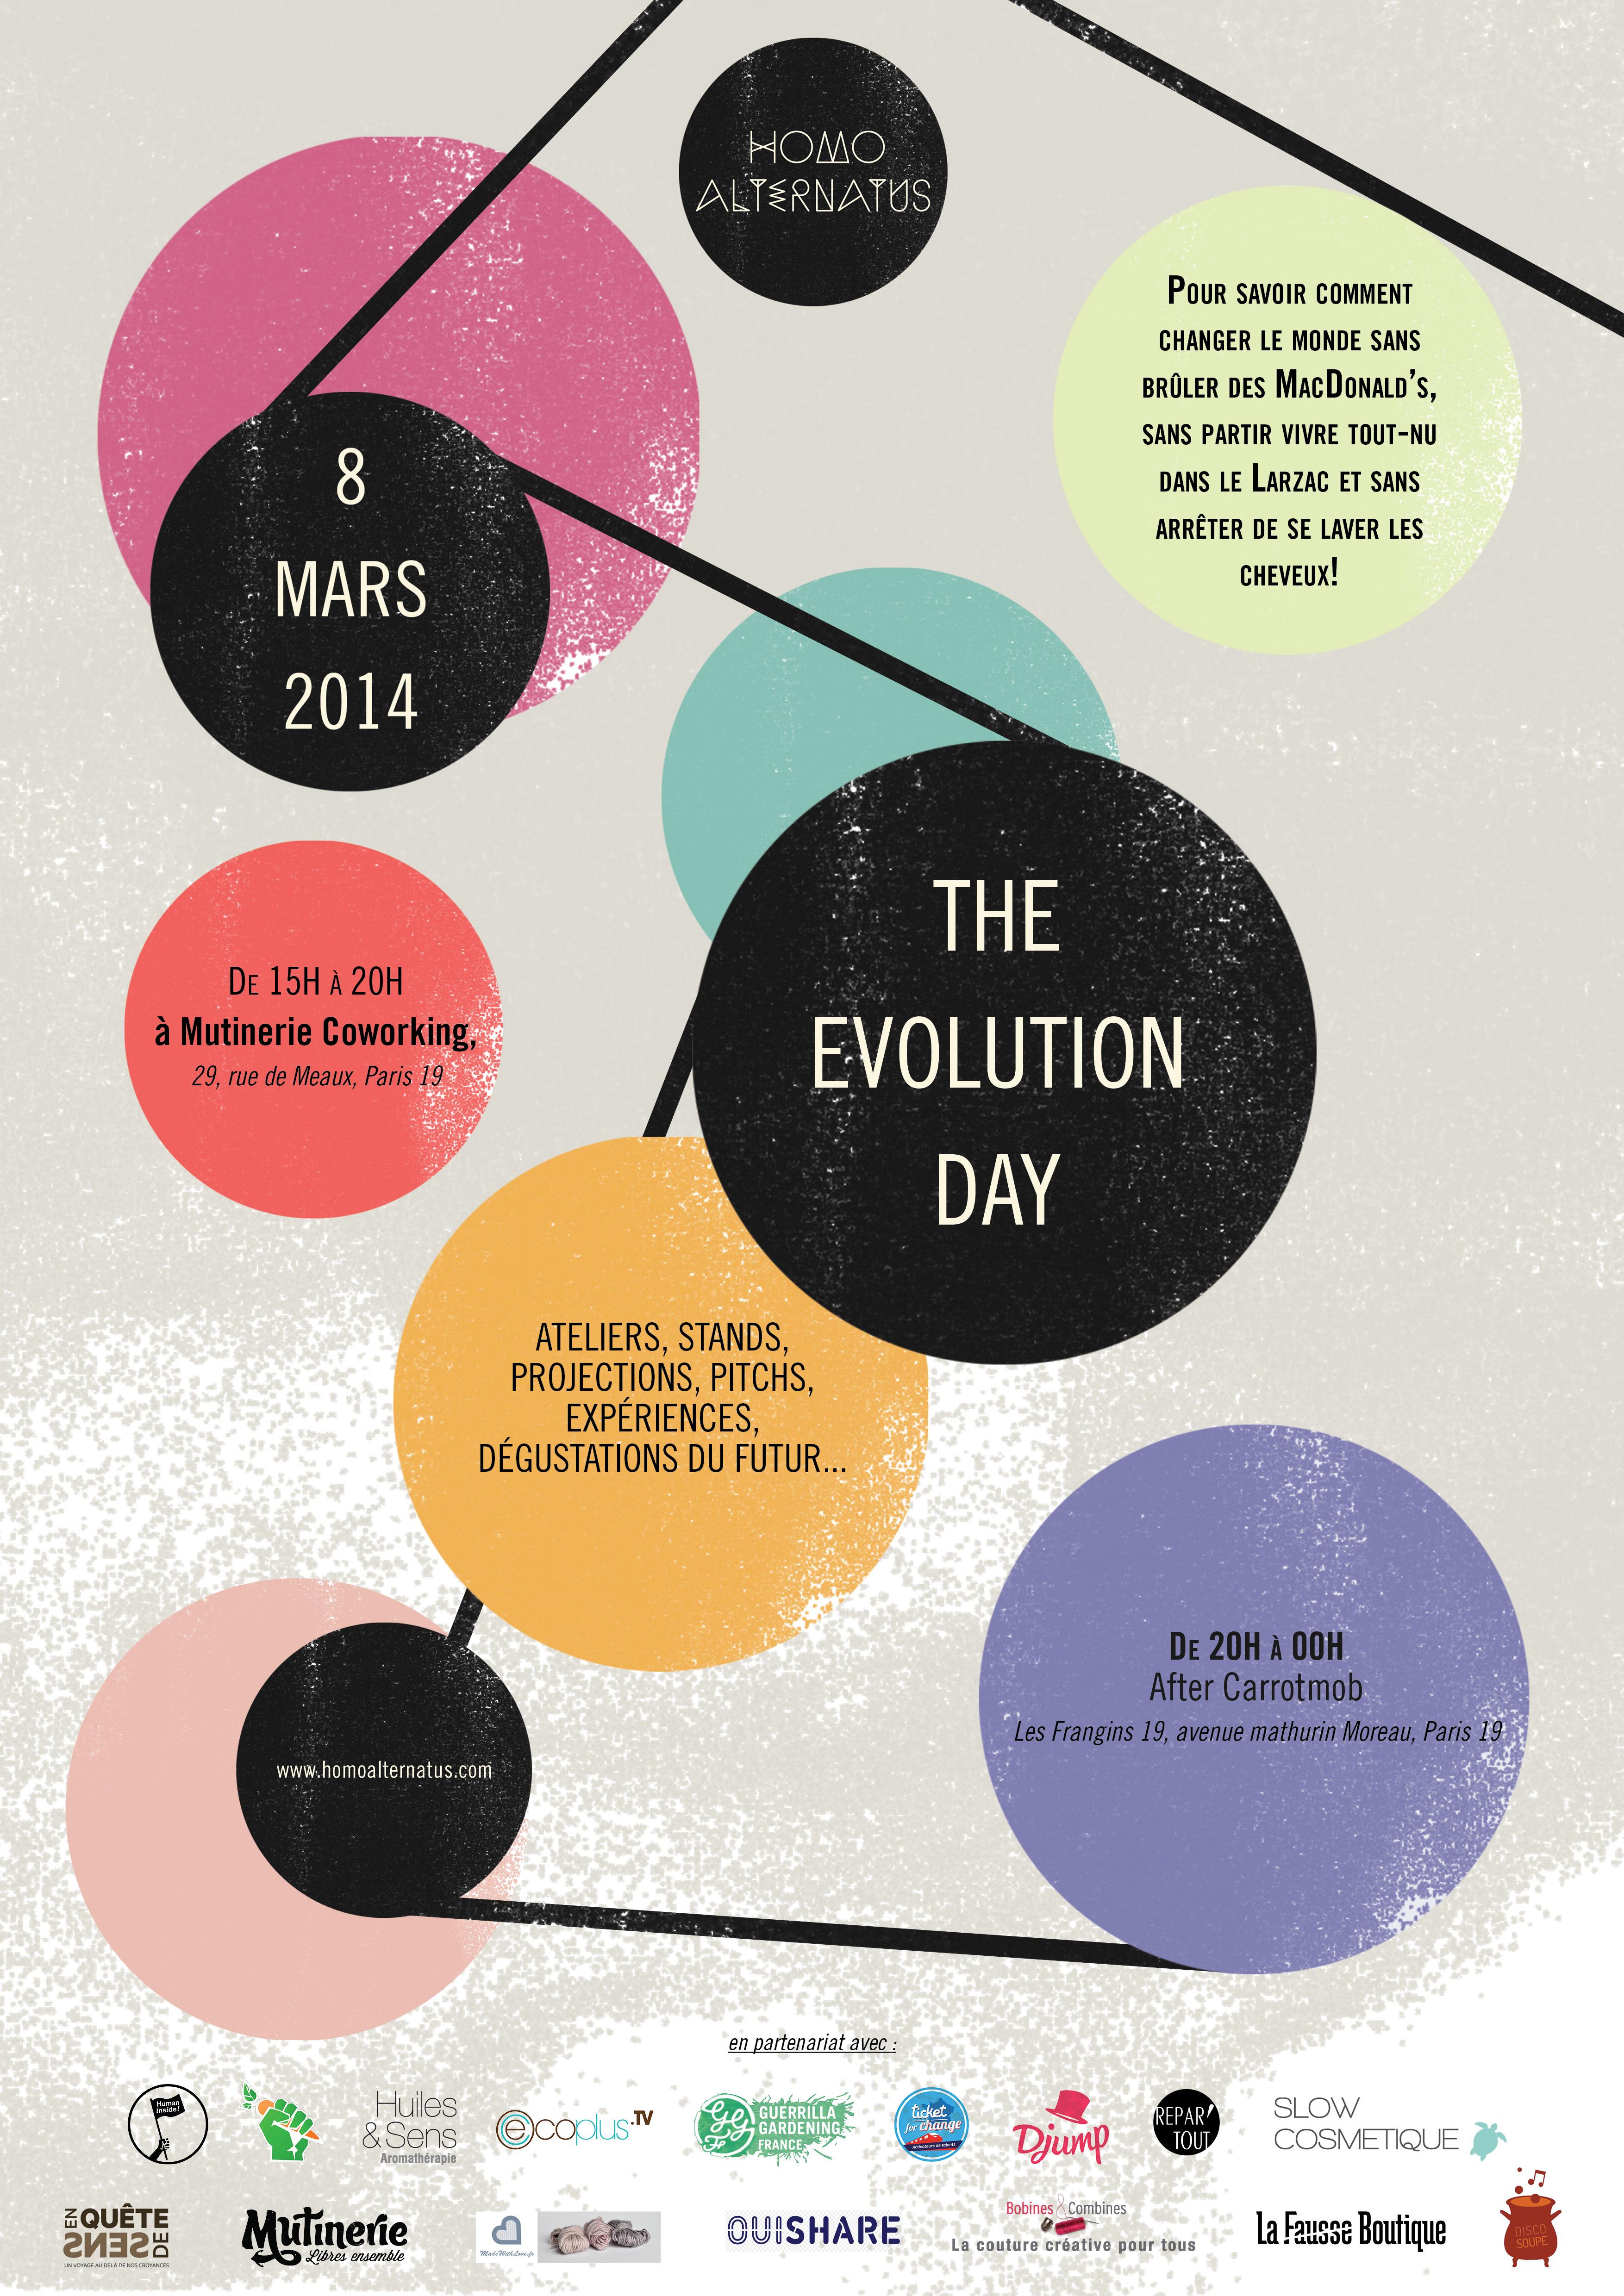 L'innovation sociale au coeur de l'Evolution Day d'Homo Alternatus.